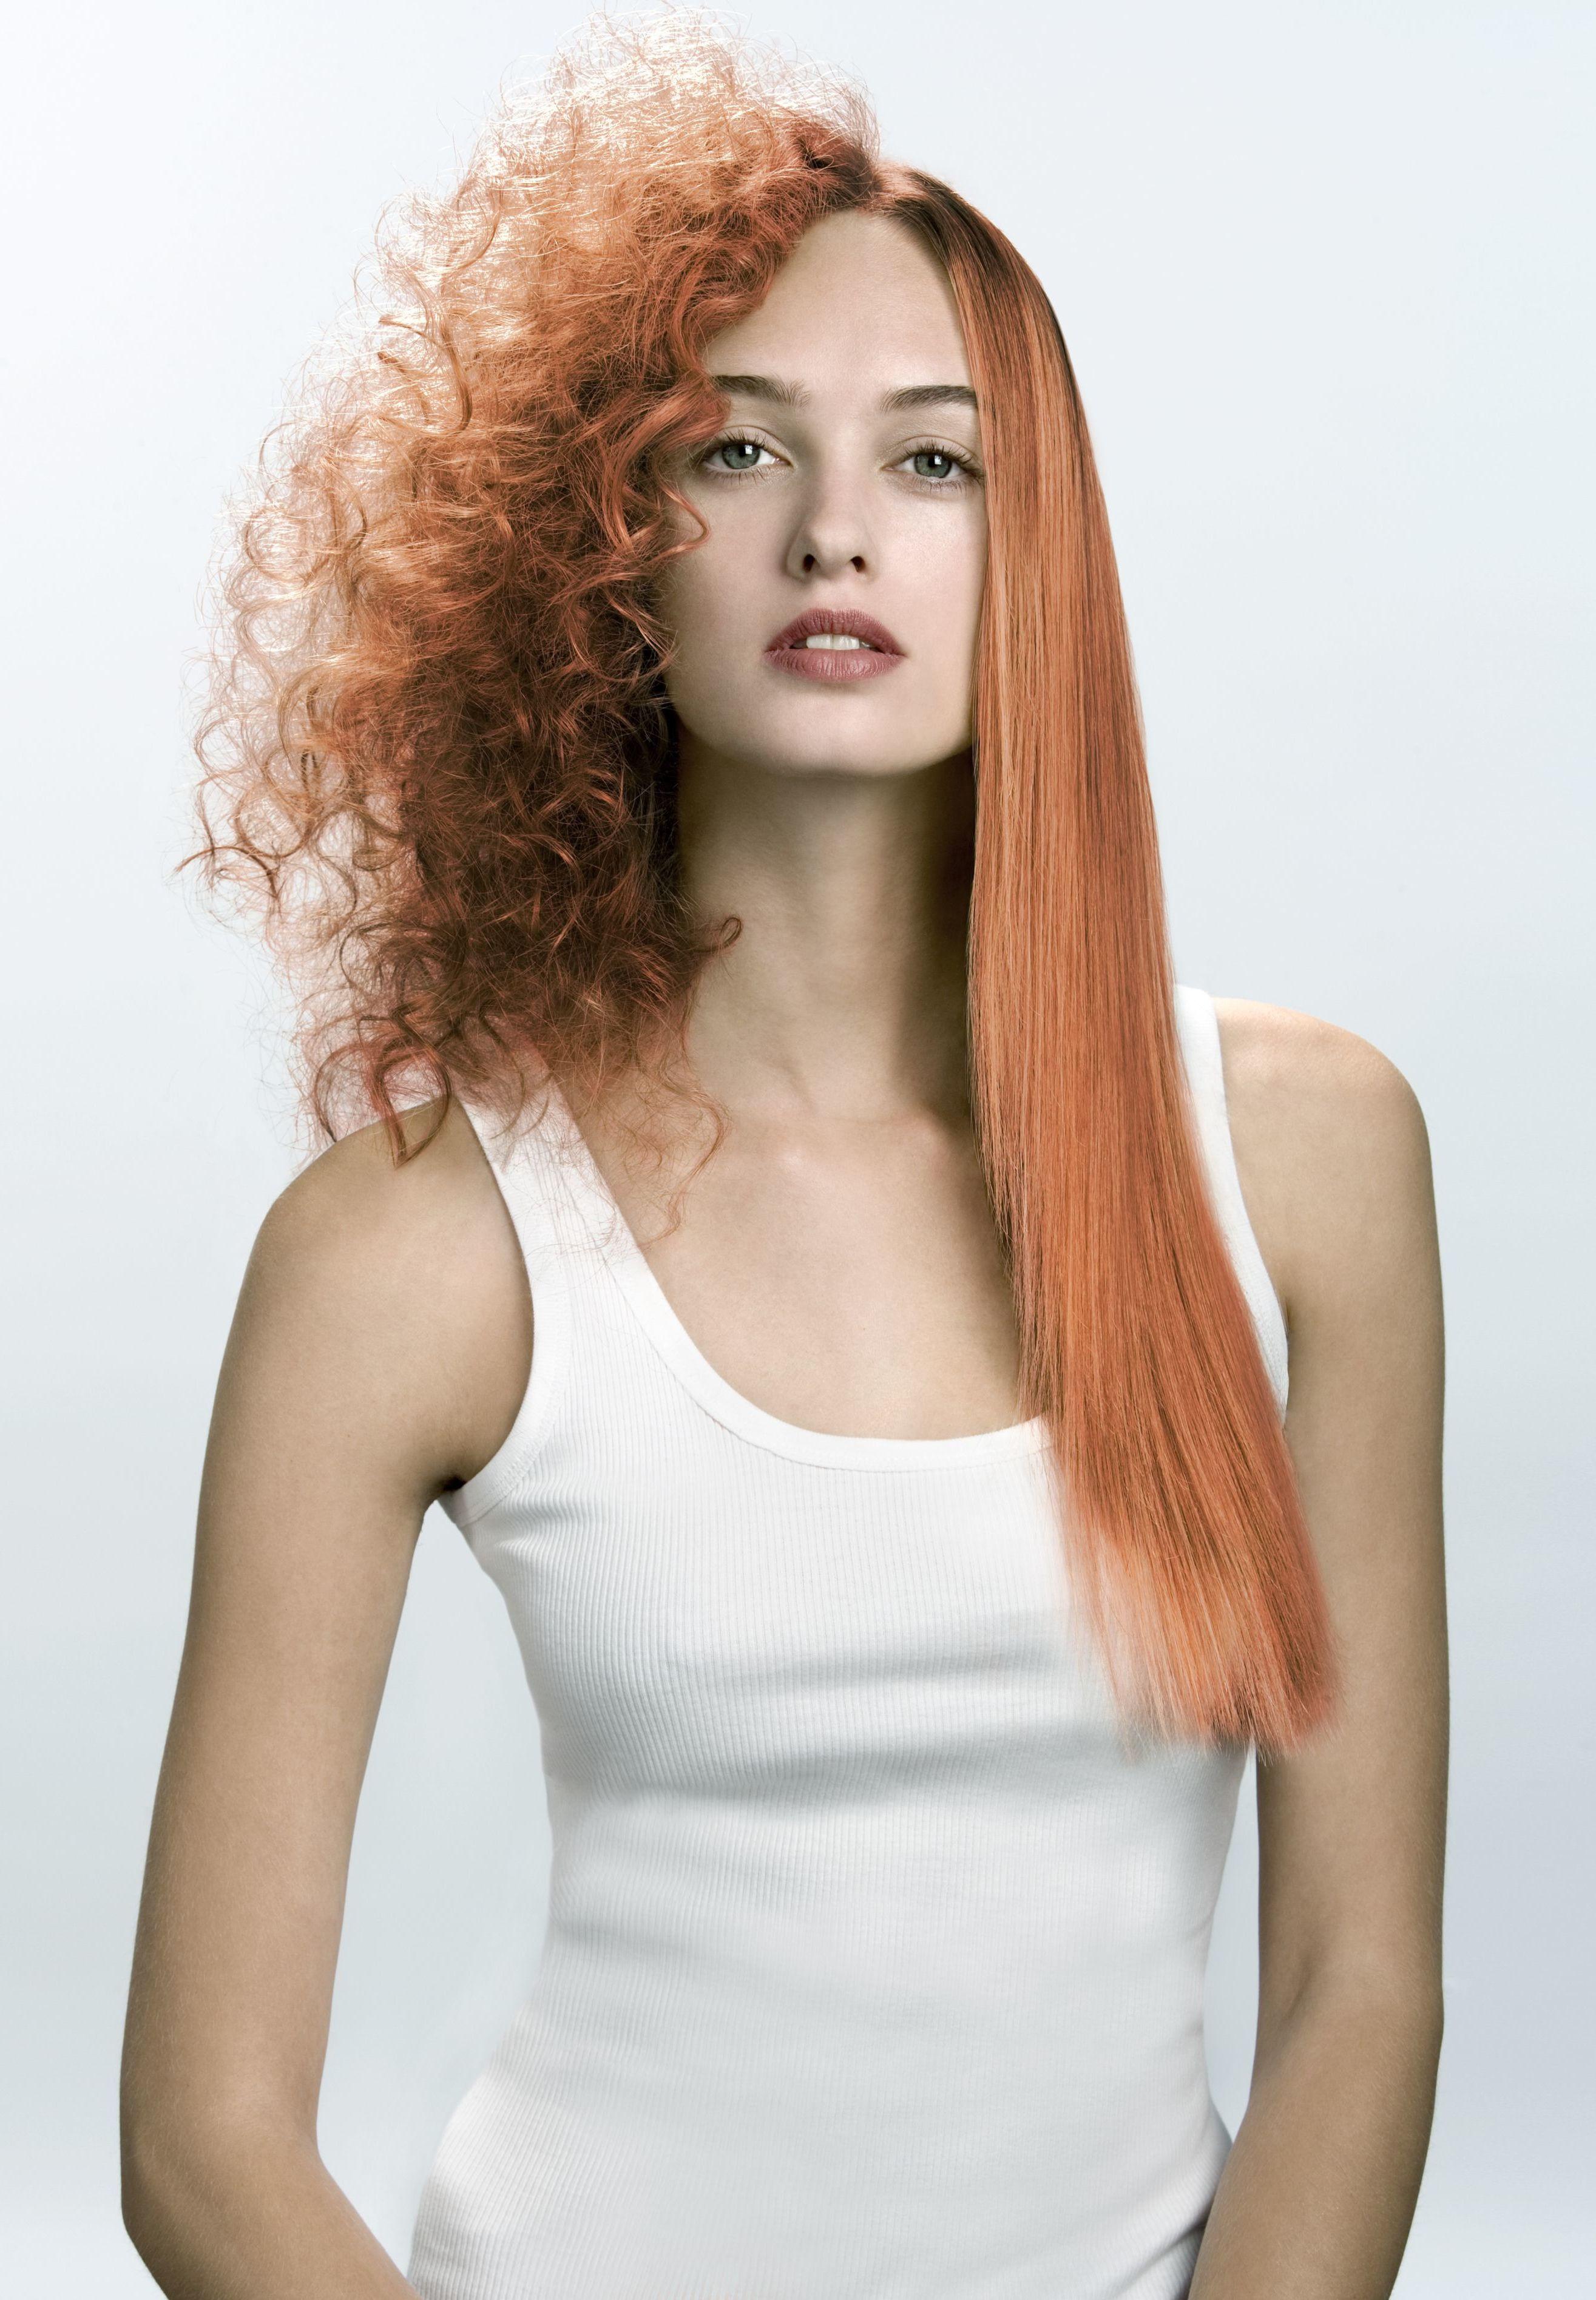 Frisuren Tipps  Frisuren für feines Haar Tipps und Tricks für